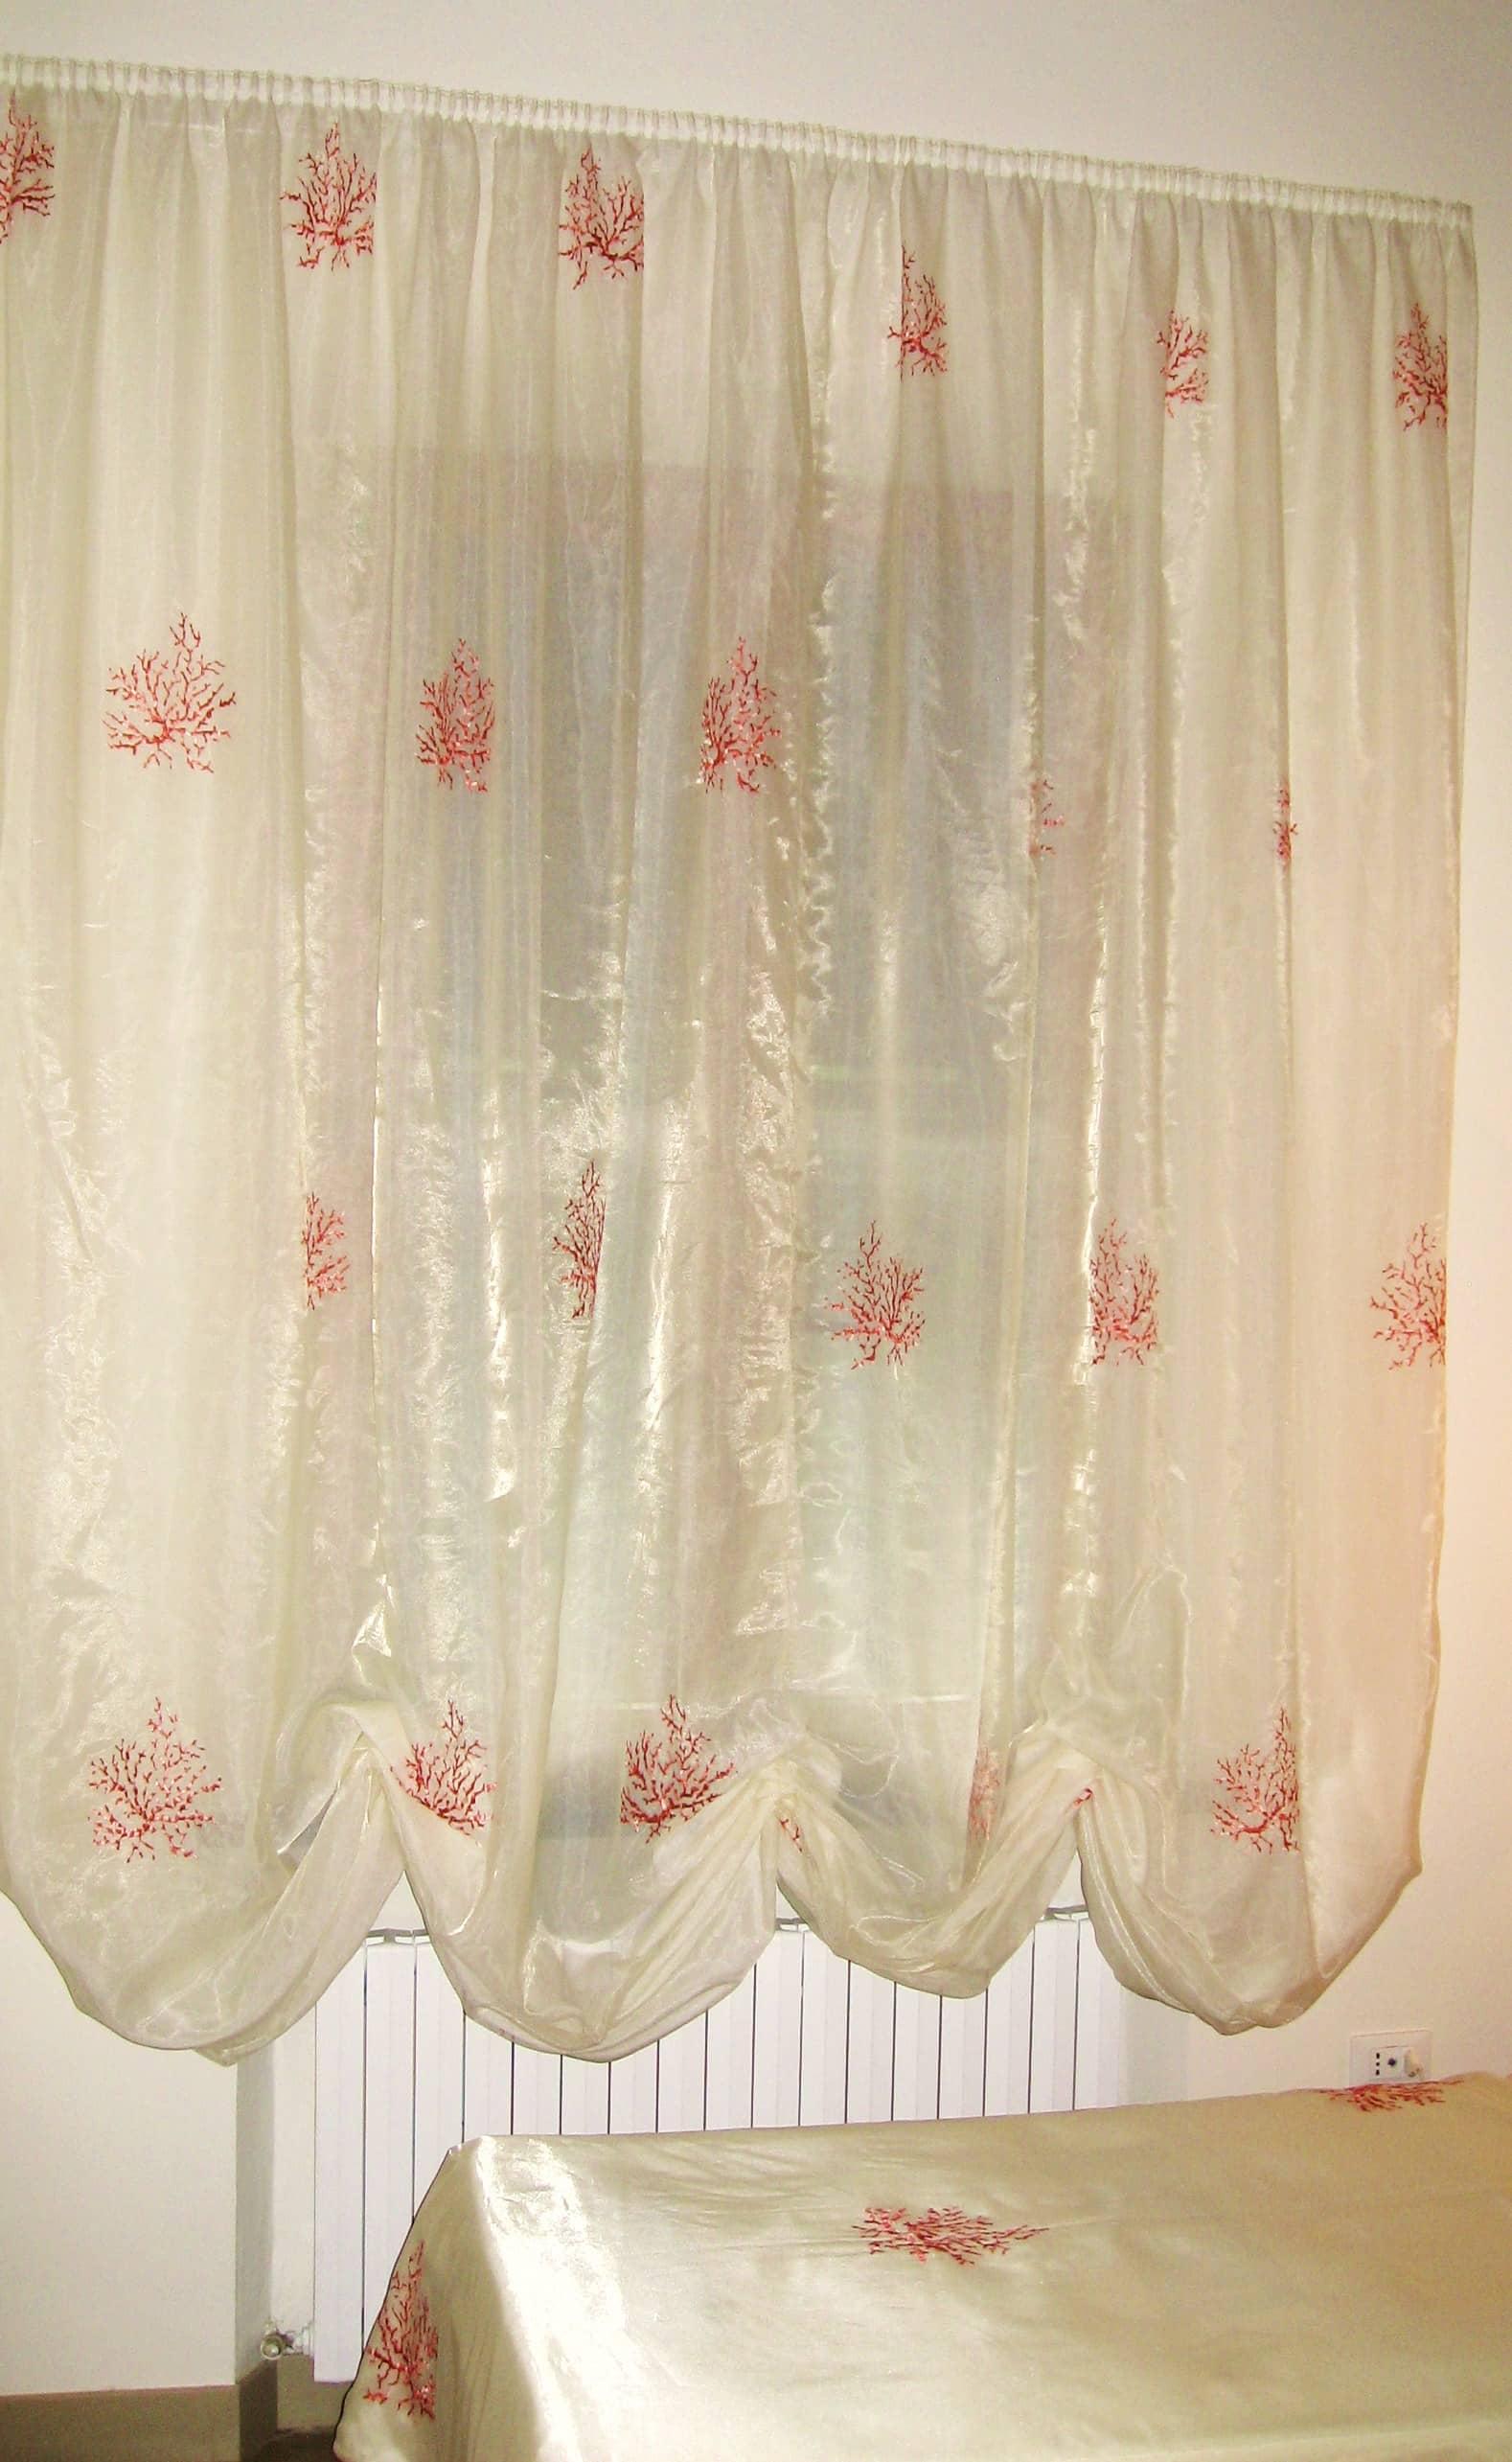 Come scegliere il colore delle tende gani for Tende lilla glicine